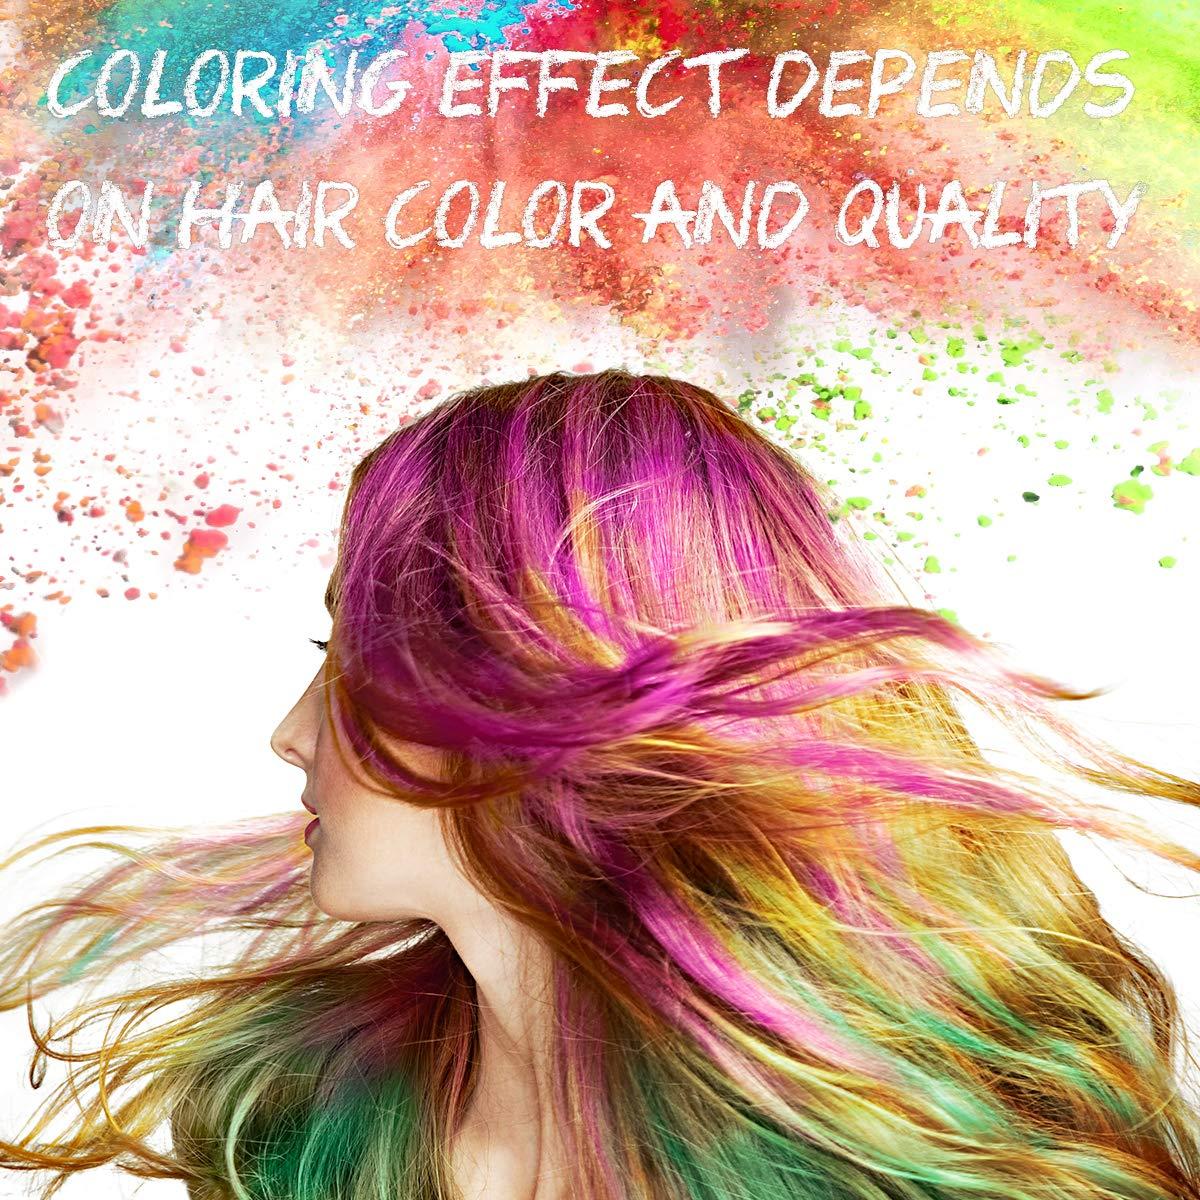 Colore Capelli Temporaneo, Pennarelli Colorati a Gesso per Capelli Set di 10 Colori di Gesso dei Capelli Temporanea Perfetto per Partito Feste Cosplay DIY, Mostra Costumi